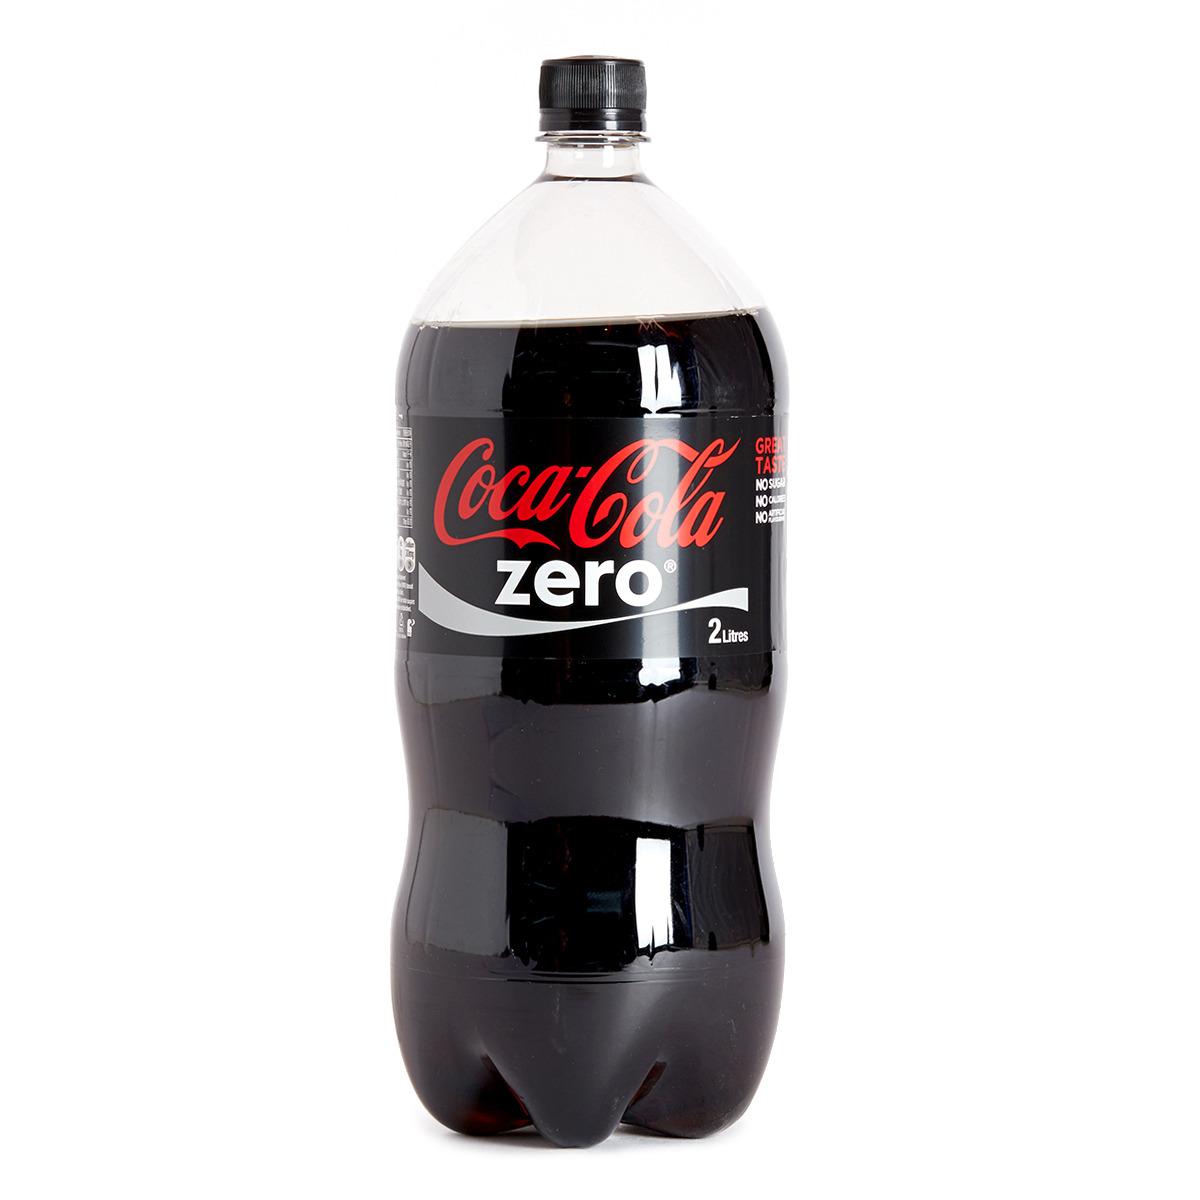 膠樽裝零系可口可樂汽水